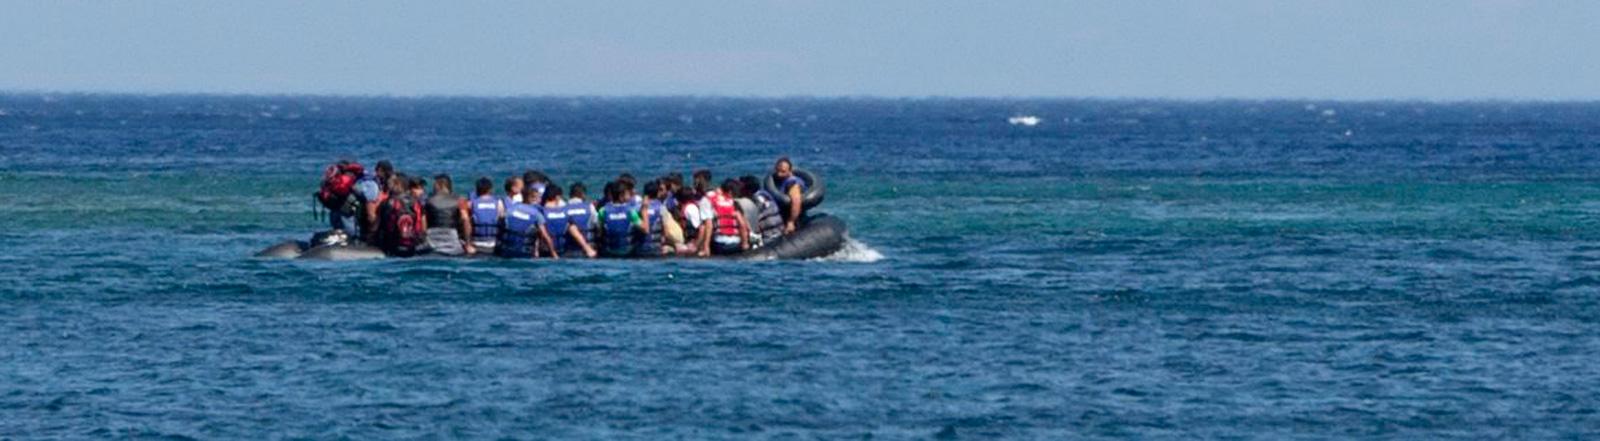 Ein Boot mit Flüchtlingen auf dem Meer nahe der türkischen Küste vor Behramkale; Bild: dpa